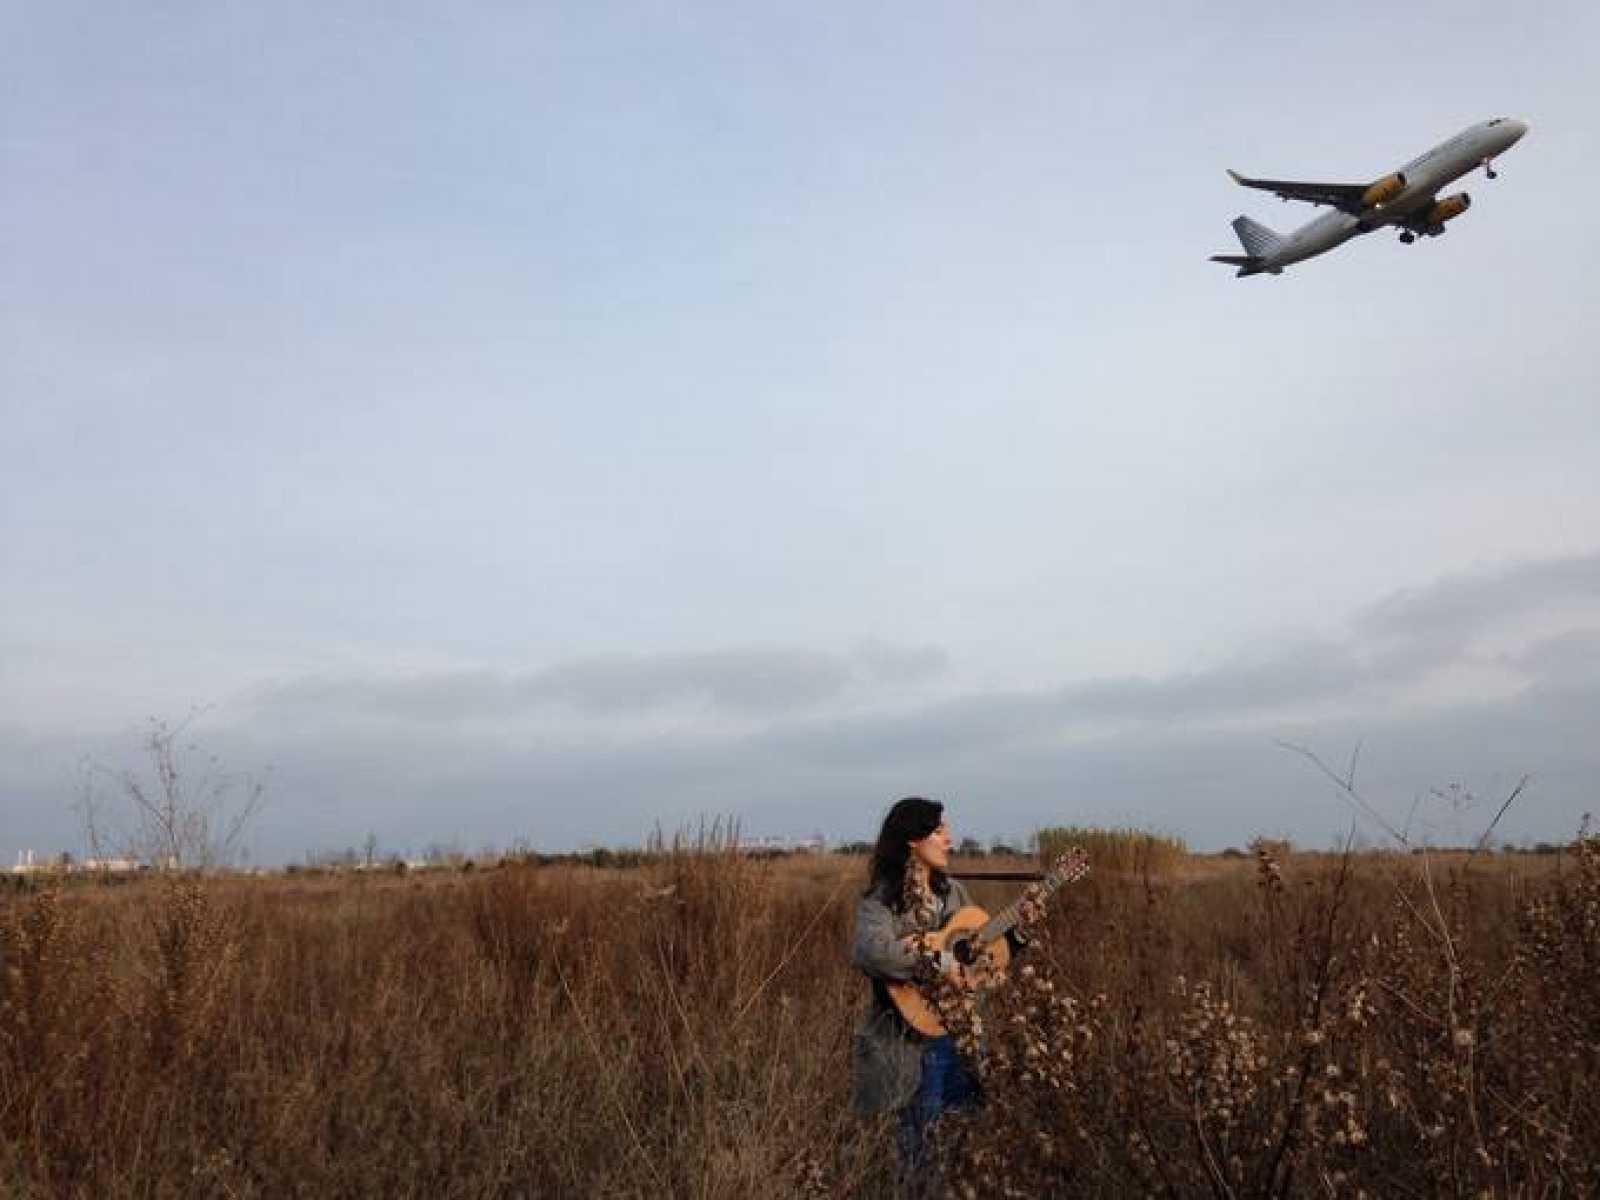 'Mapa sonoro' queda con Lorena Álvarez para escuchar algunas de sus nuevas canciones cerca de la ciudad donde reside ahora, Barcelona, concretamente en el Delta del Llobregat, un paraje natural protegido en el que dice sentirse como en casa